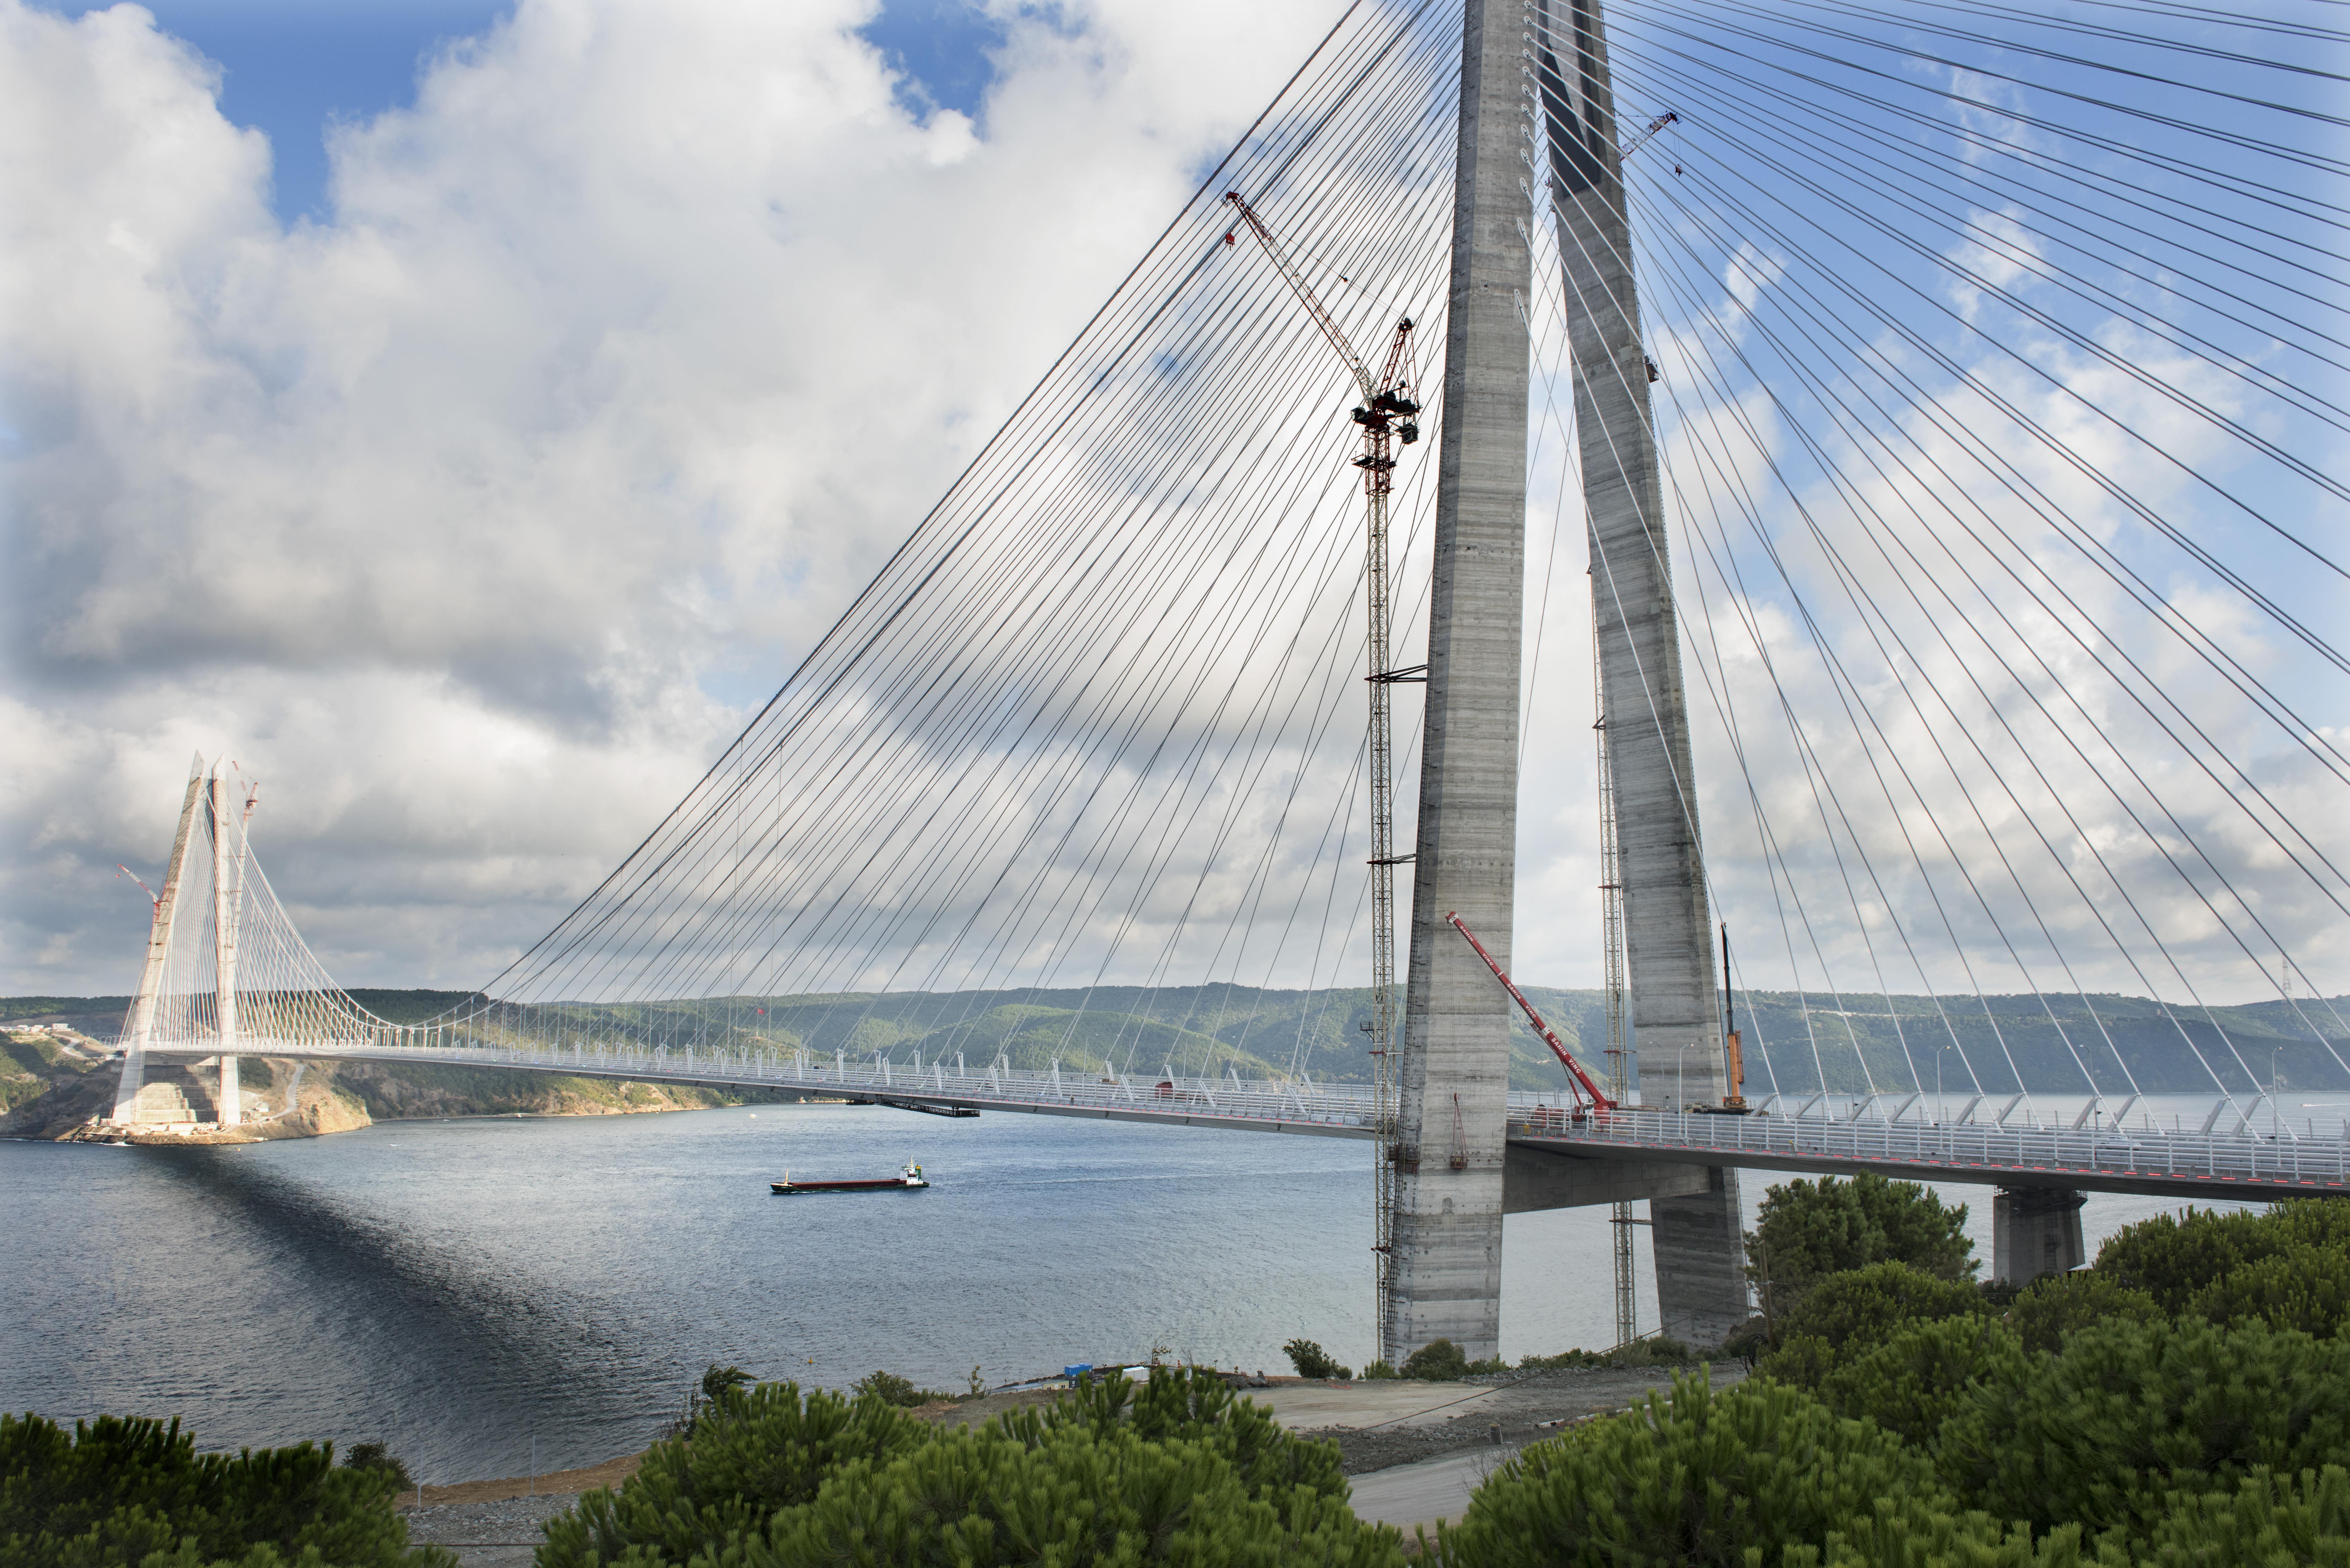 Üçüncü köprü çevresine değer kattı!